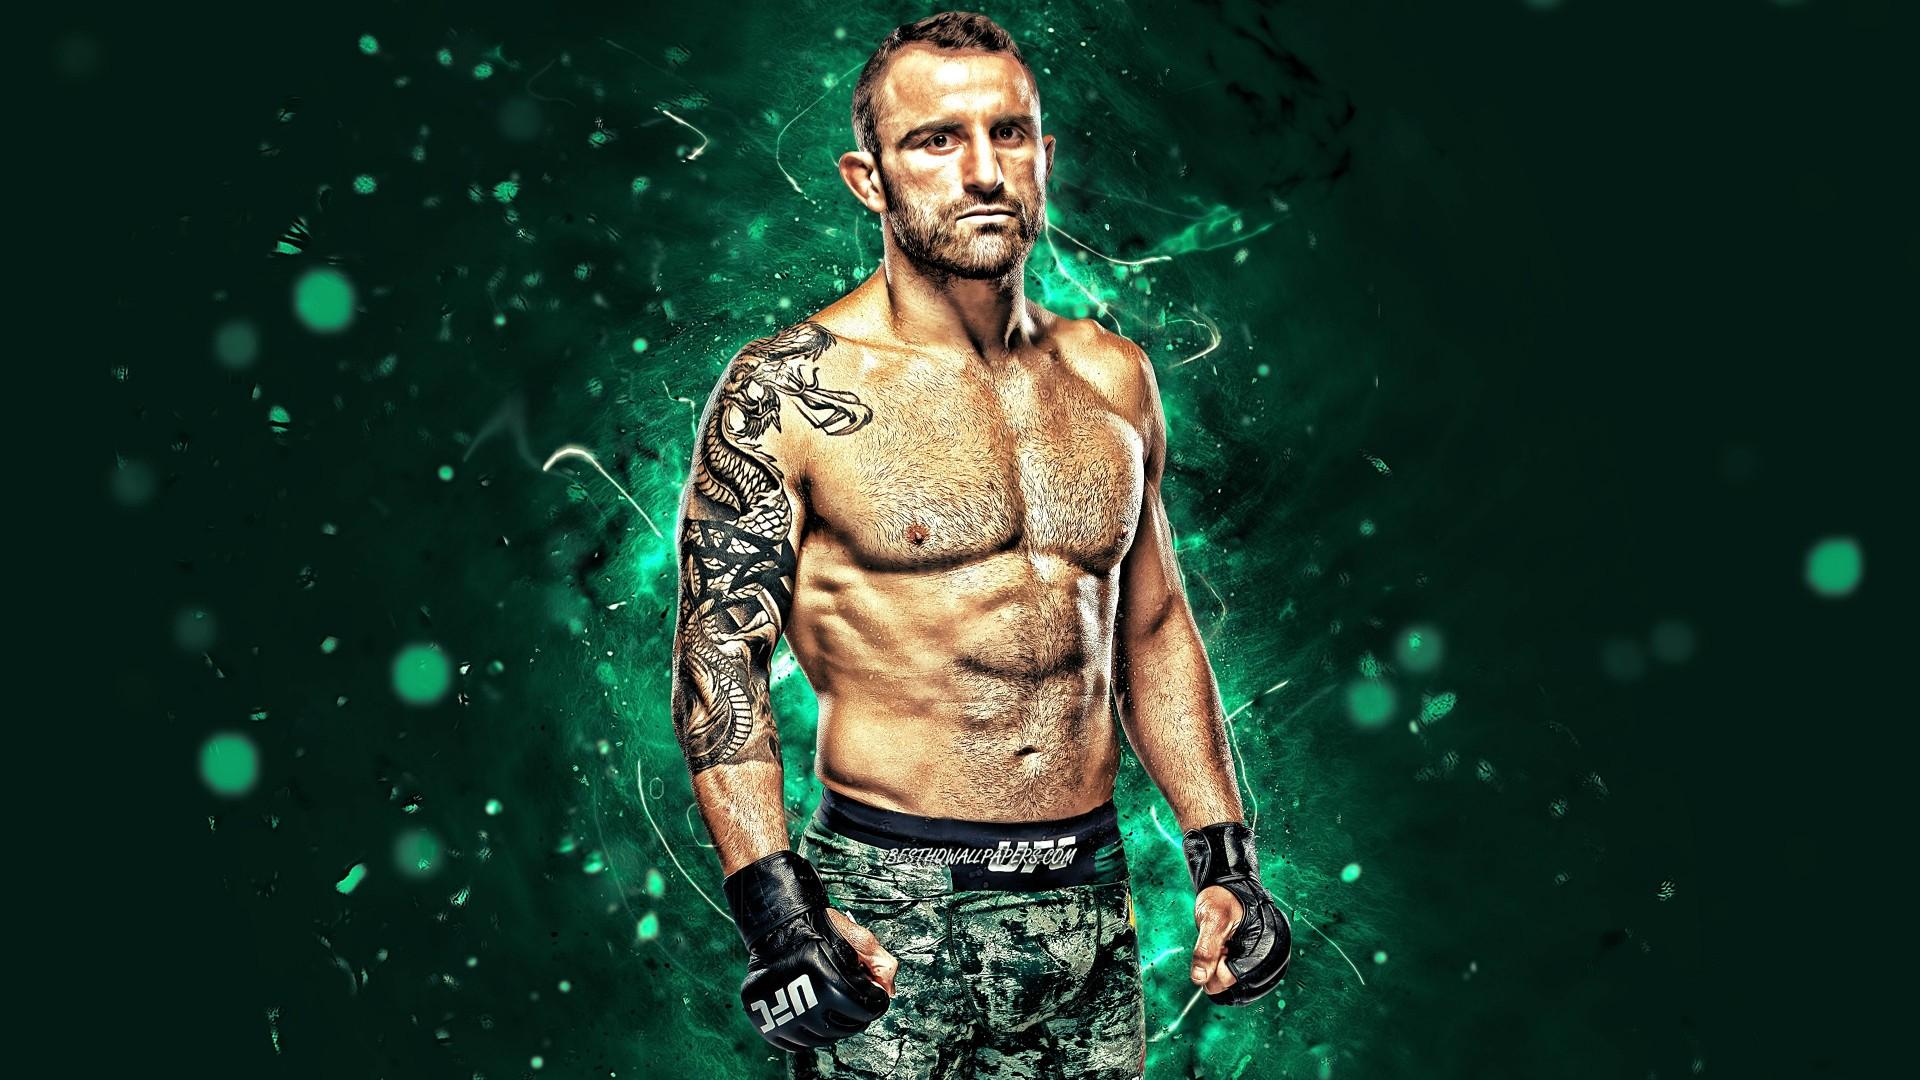 Участники турнира по UFC 4 сыграют за Александра Волкановского и Брайана Ортега